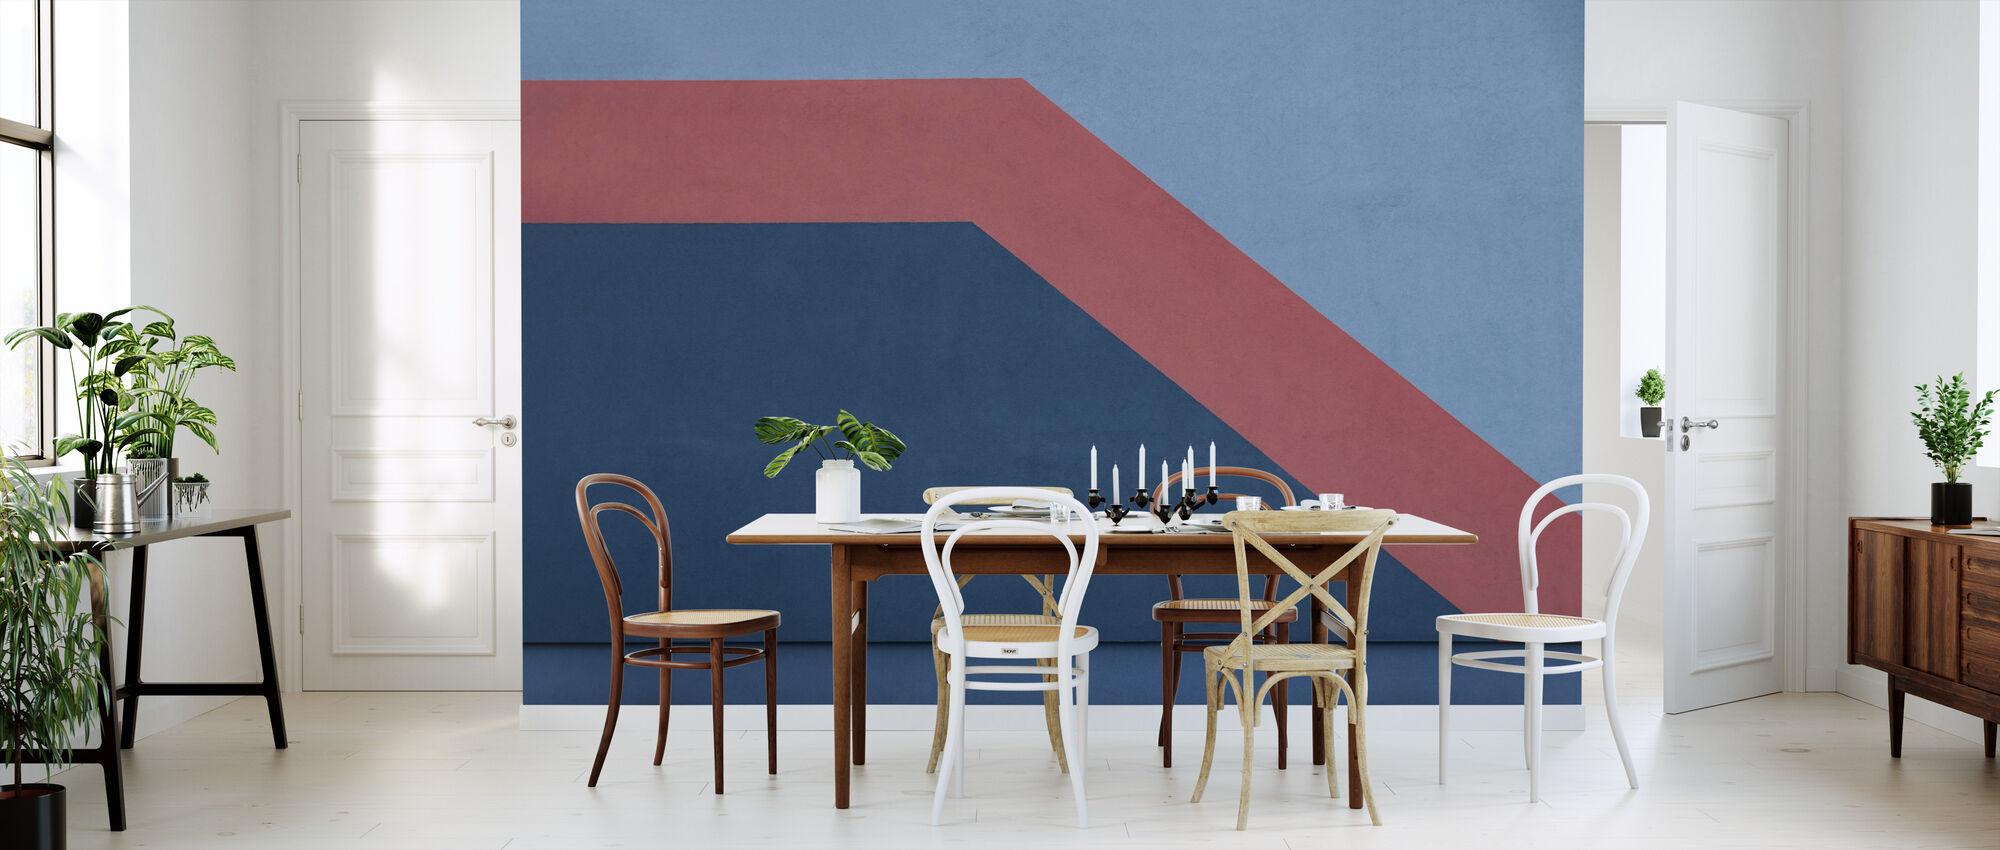 Wall Texture - Wallpaper - Kitchen